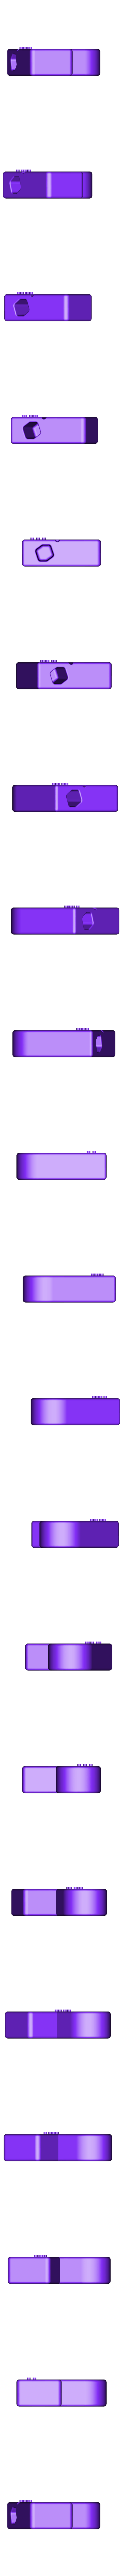 Y.stl Télécharger fichier STL gratuit Clé Fittle Puzzle • Objet pour imprimante 3D, Fittle